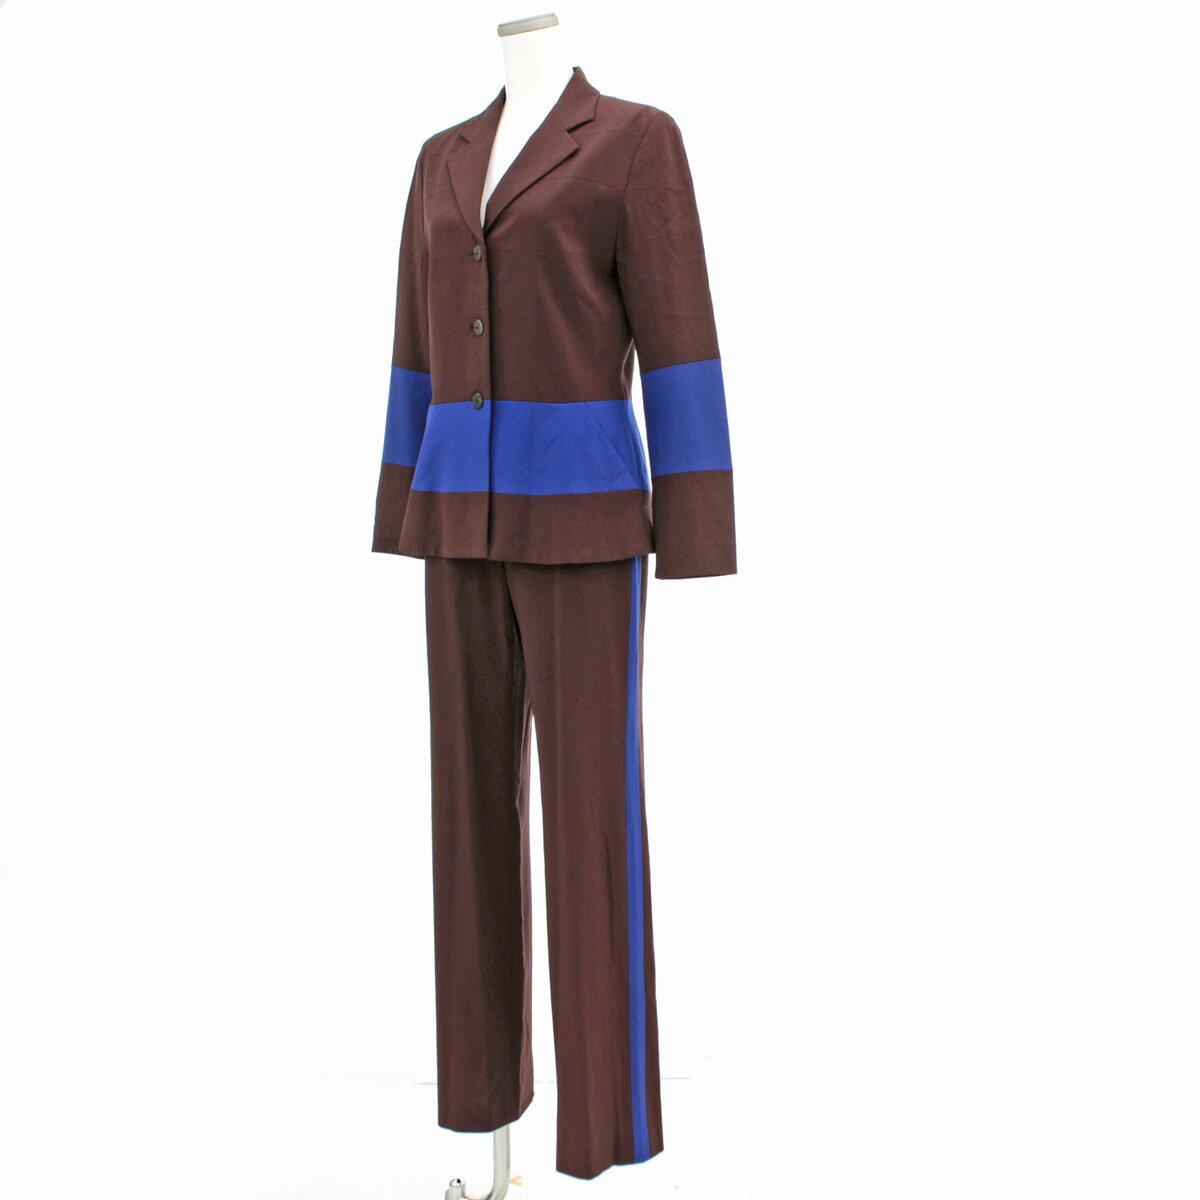 スーツ・セットアップ, パンツスーツ  2 ISSEY MIYAKE33970-YO0719